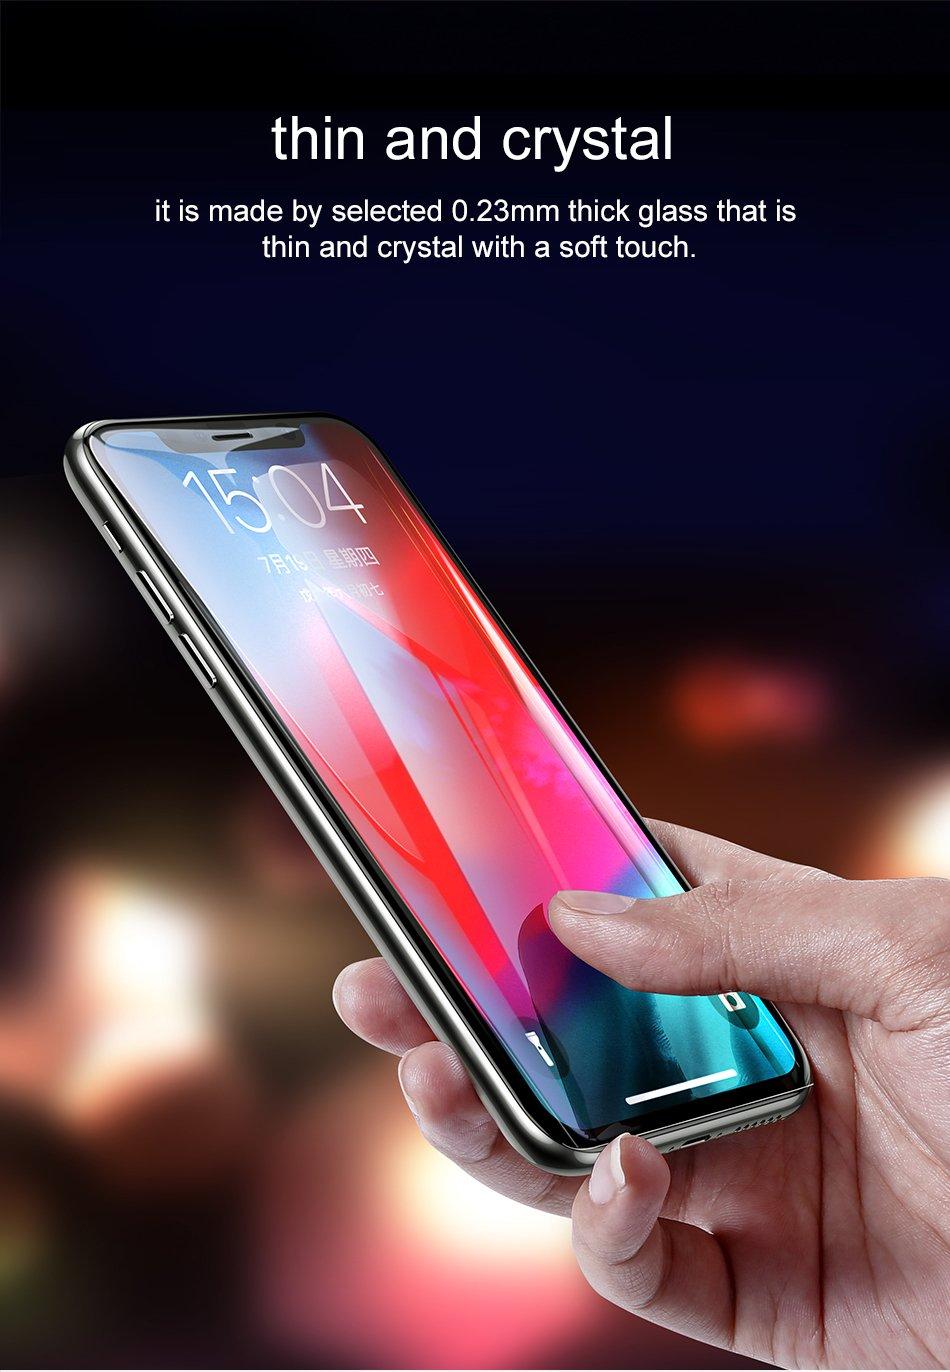 Sapphire Crystal Glass là loại kính cường lực cao cấp thường dùng cho mặt đồng hồ với độ bền cao, ngăn trầy xước